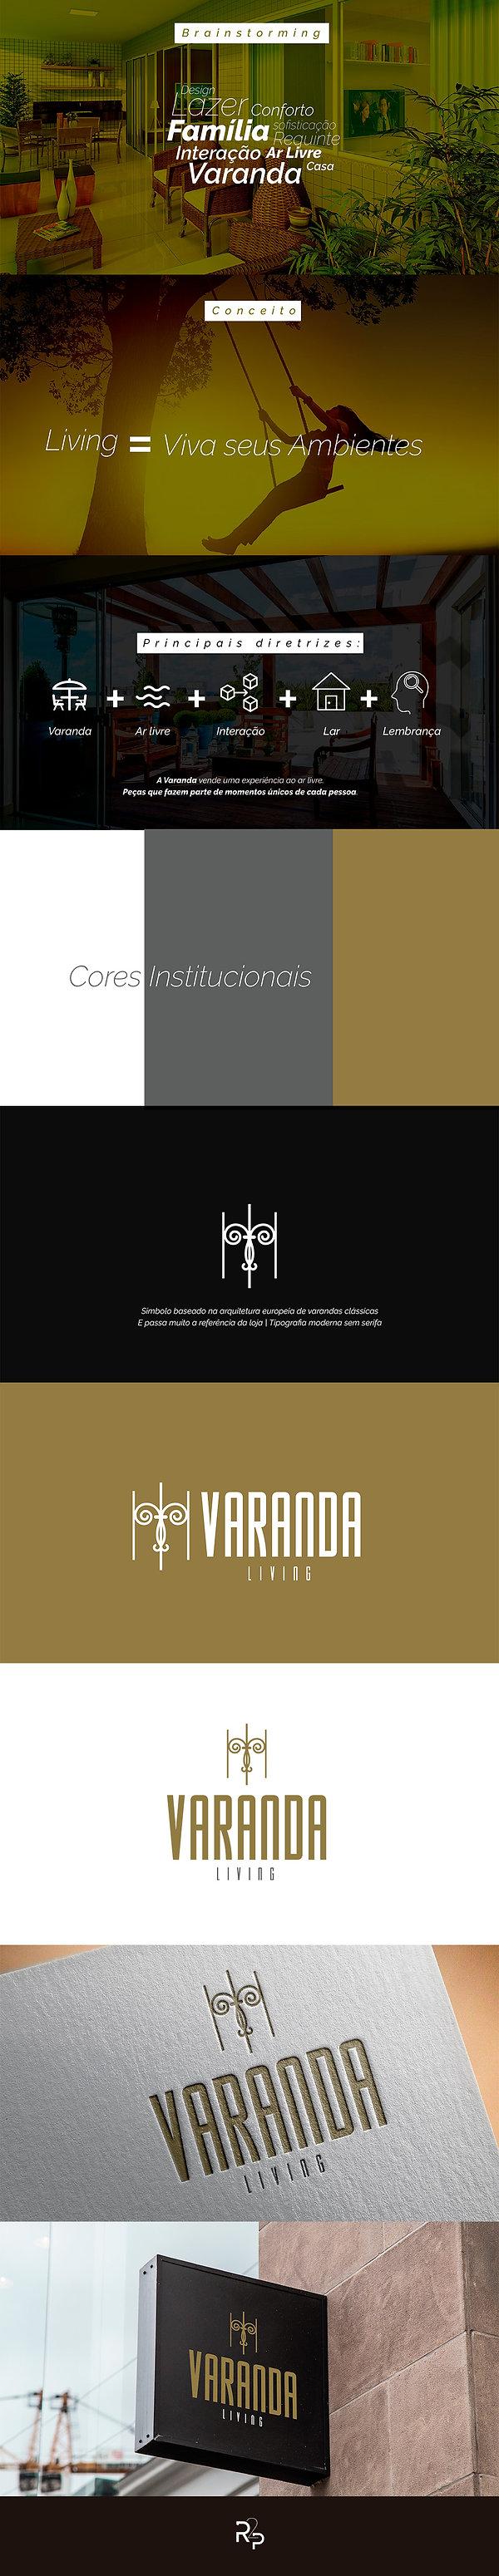 PARAPOST-VARANDA (1).jpg